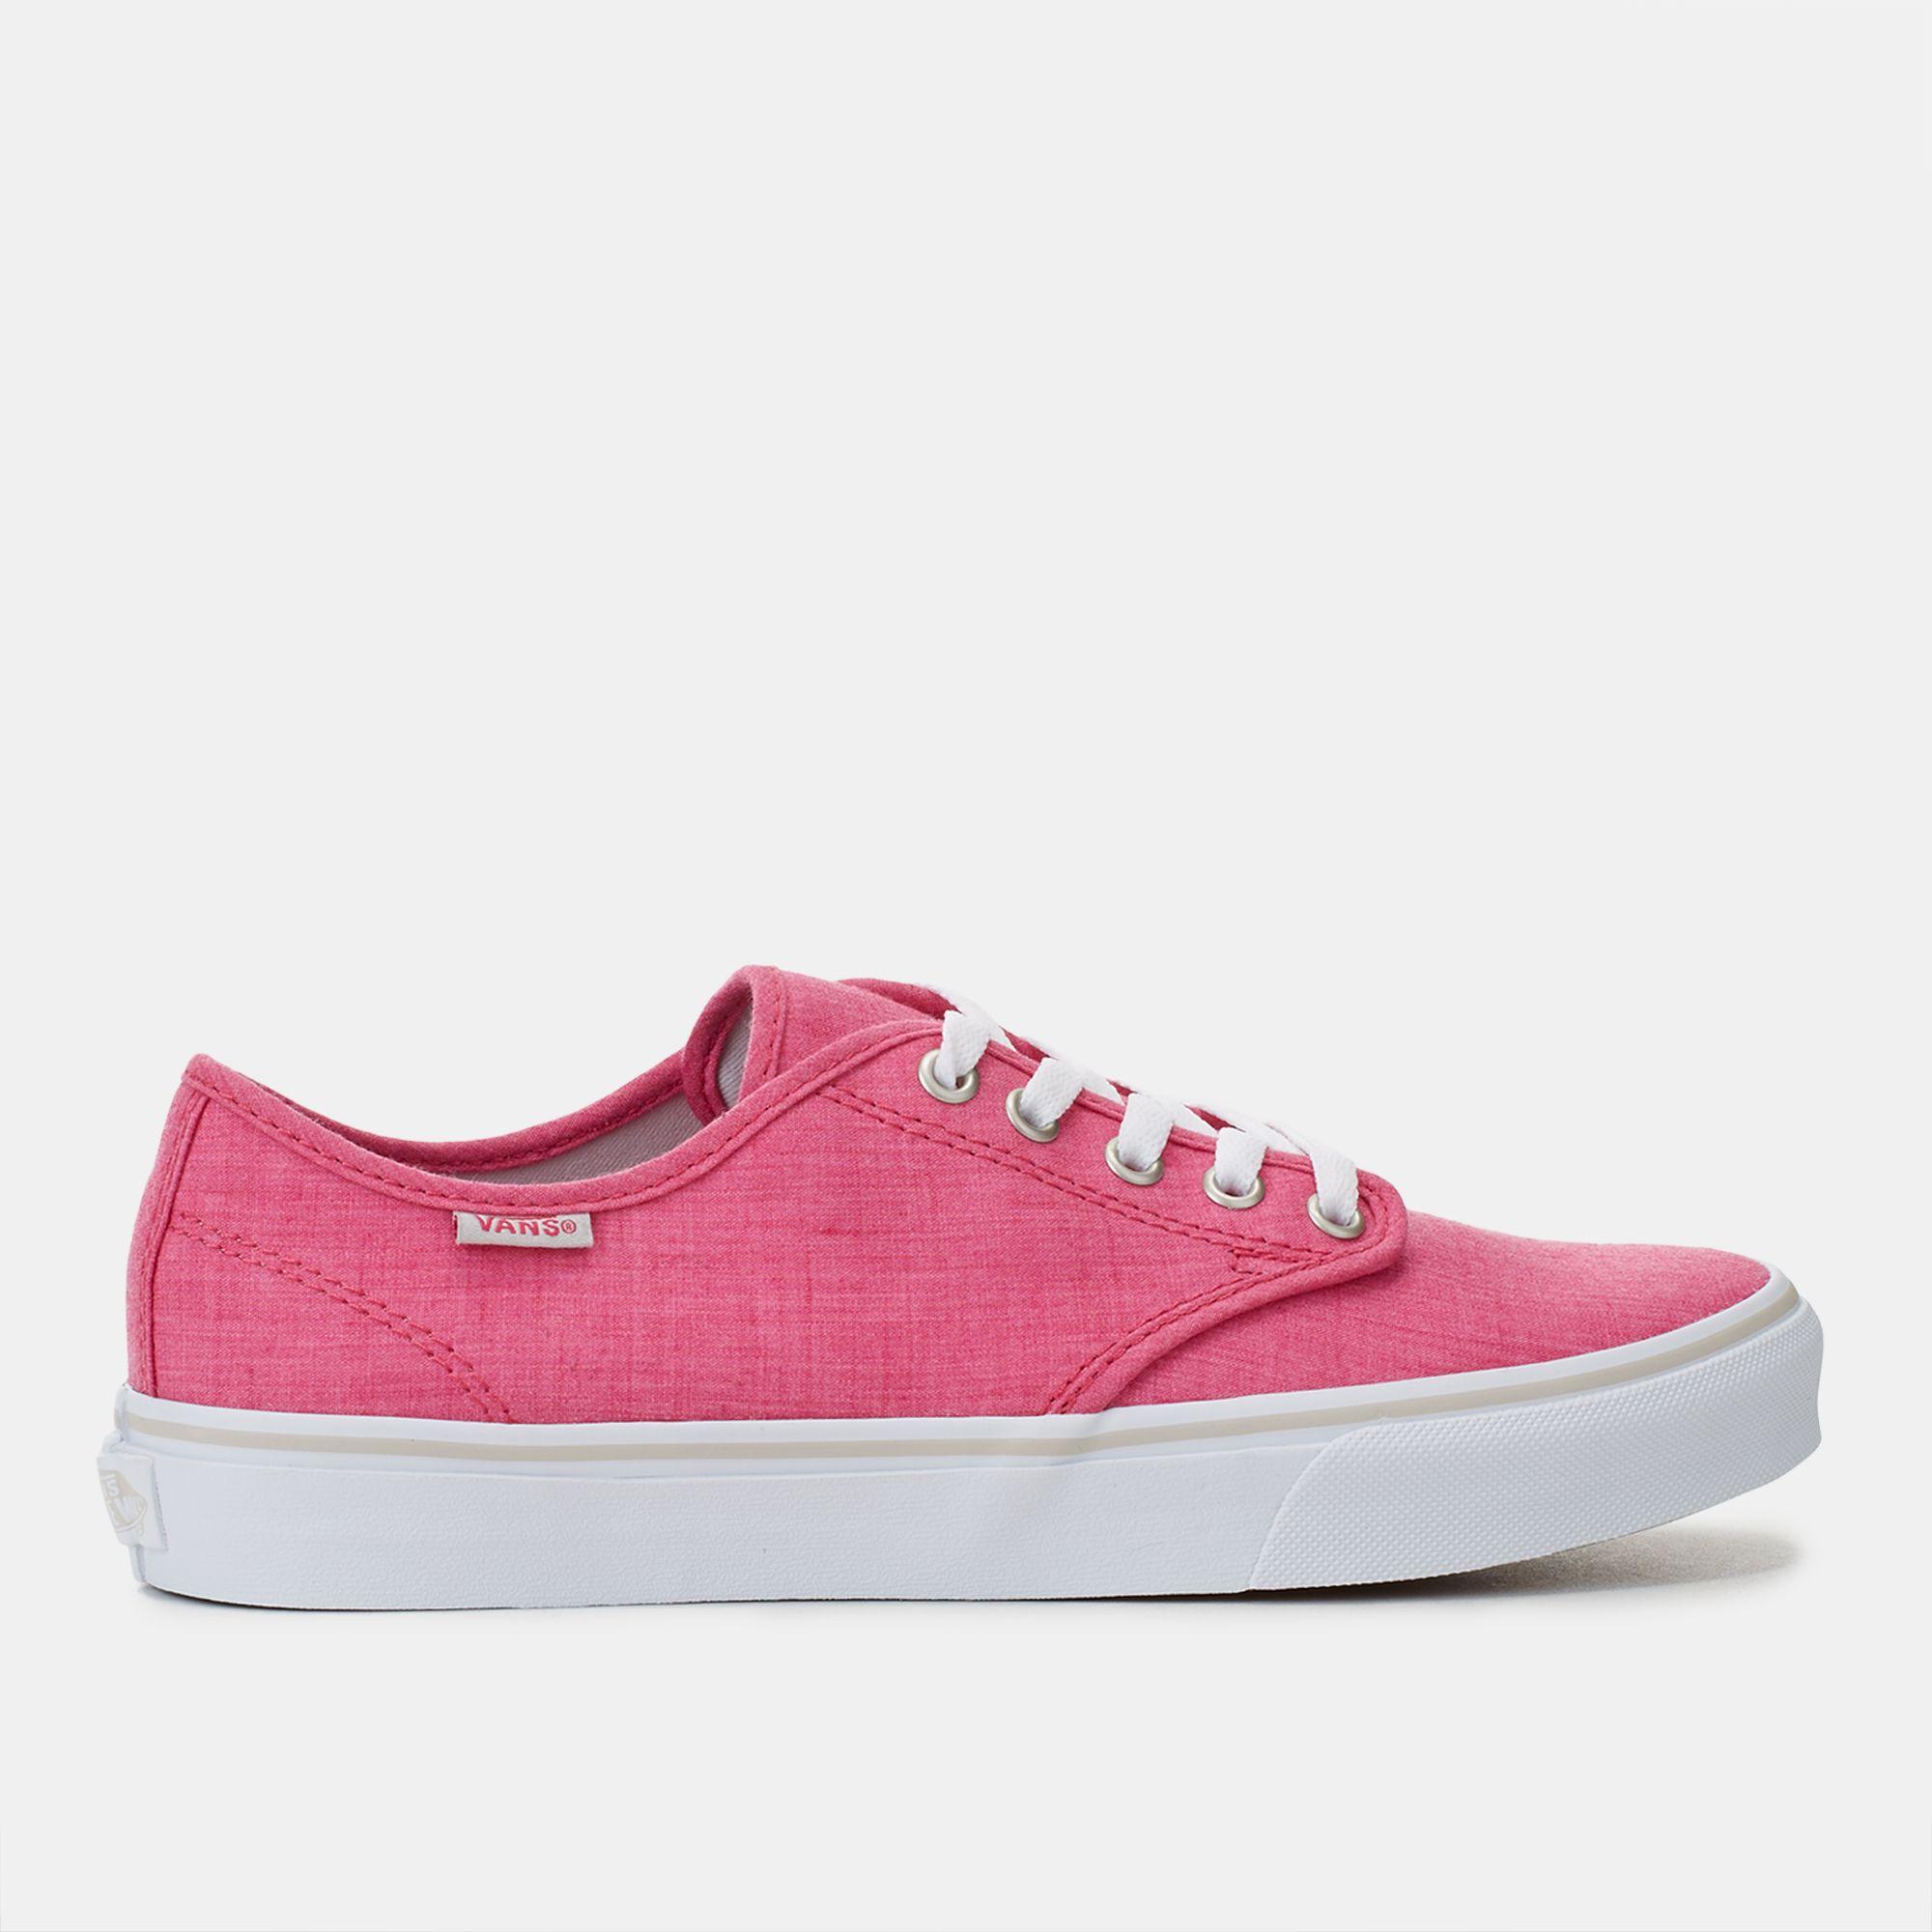 62966c57bb95 Vans Camden Stripe Low Top Sneaker